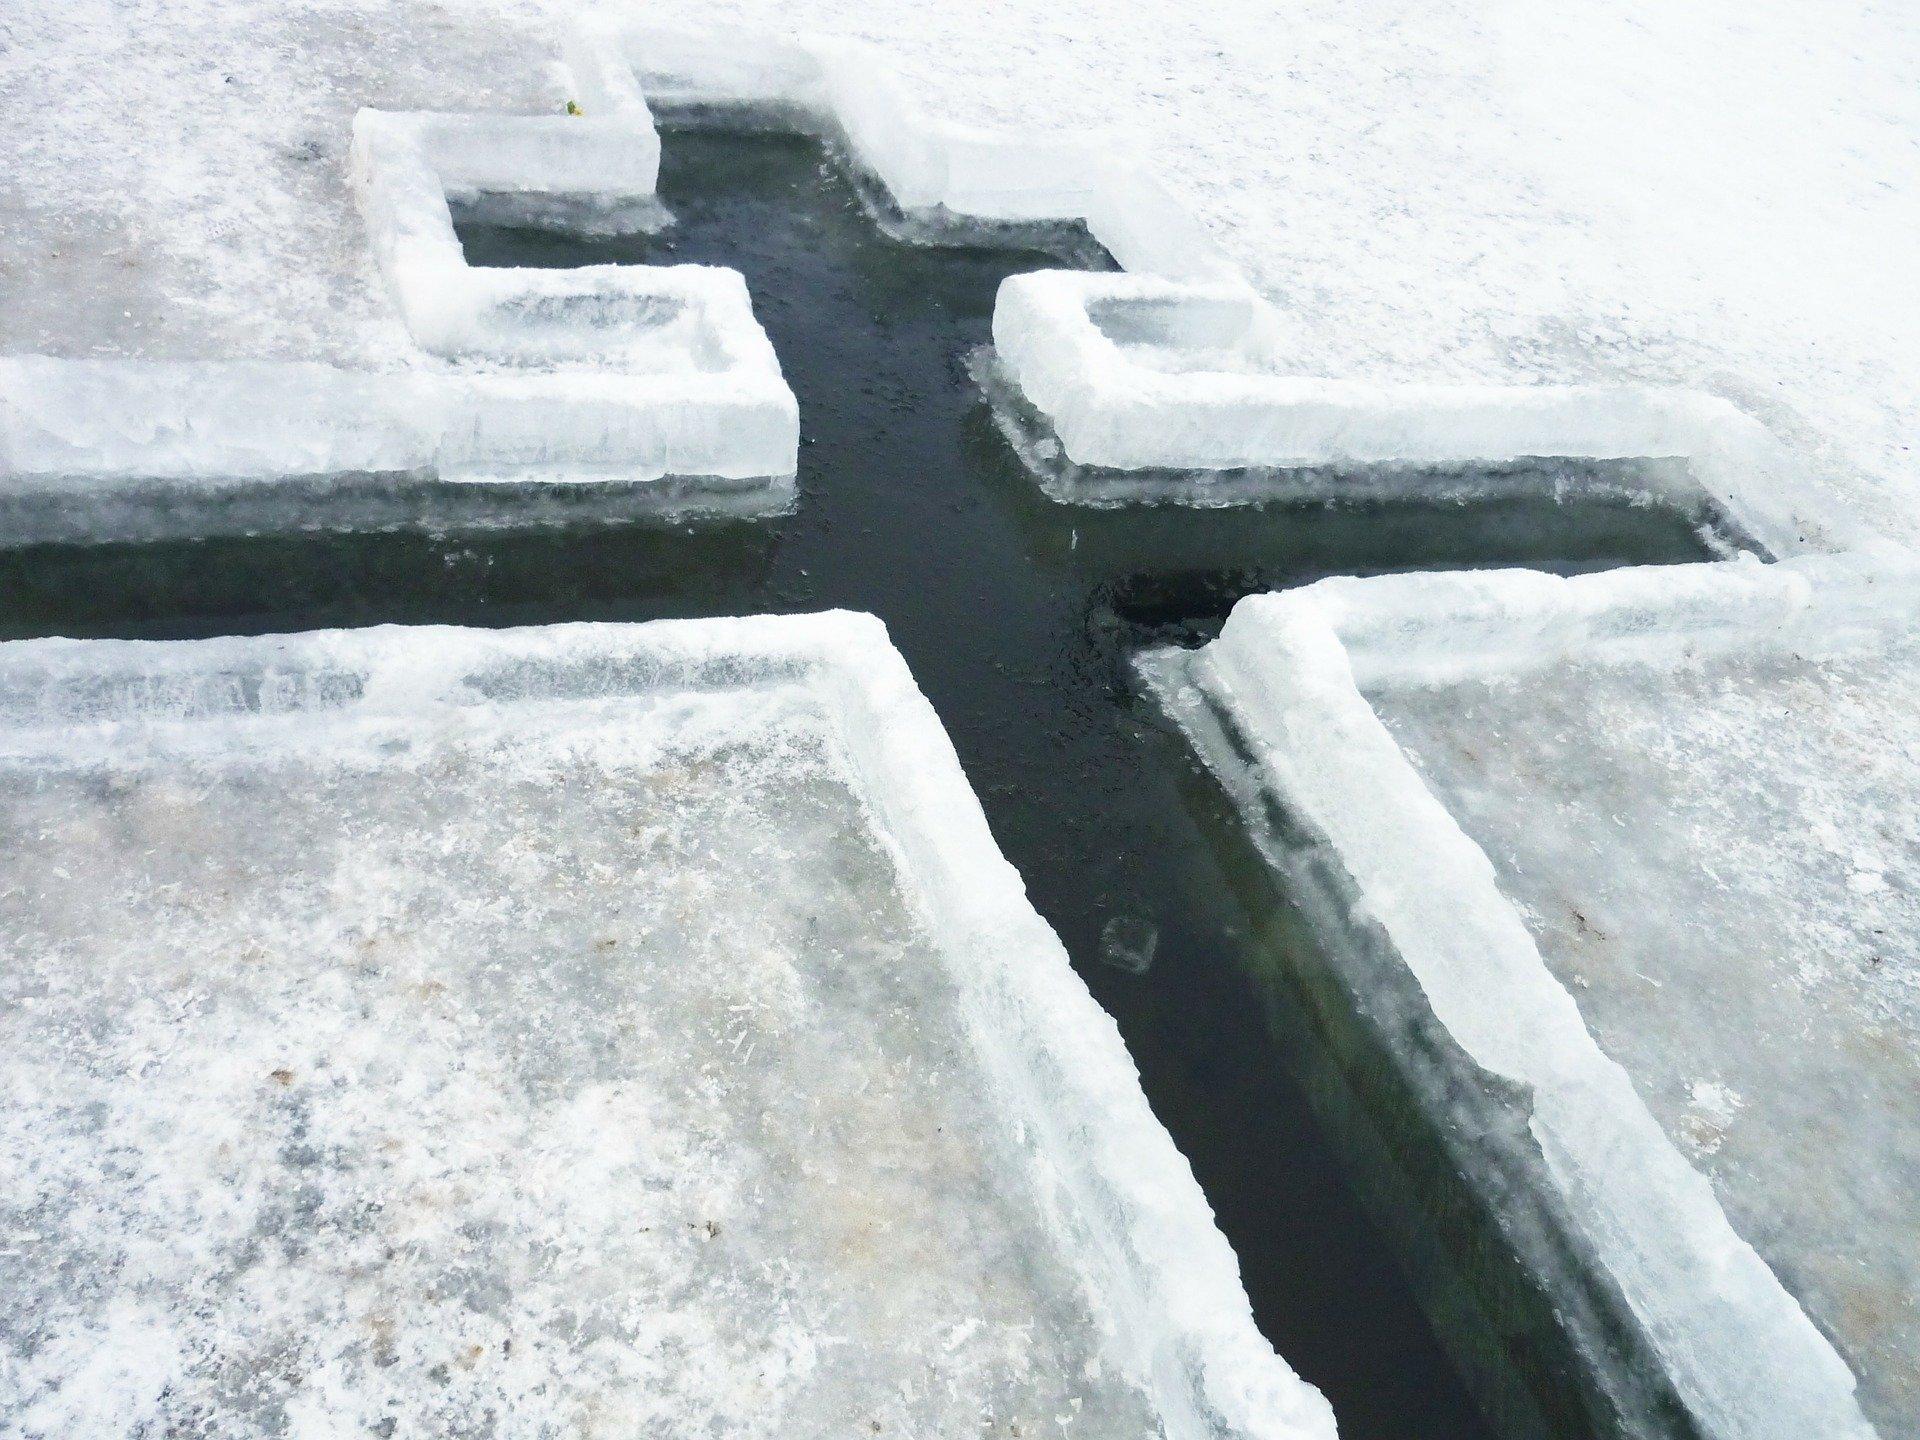 Региональное МЧС опубликовало правила безопасности во время купаний в крещенскую ночь